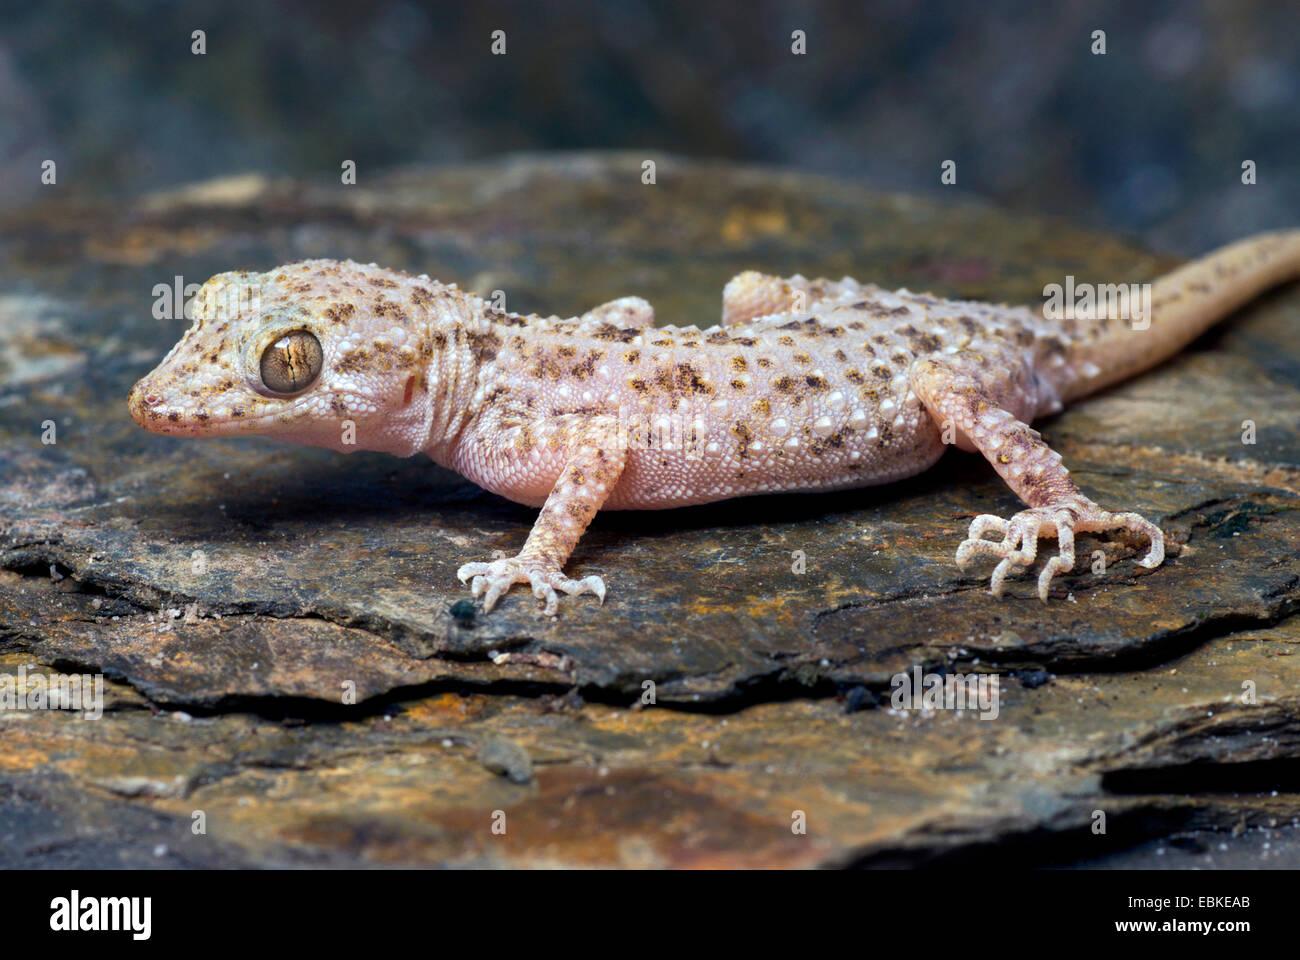 Rau-enthäuteten Gecko, Keeled Gecko, Bent-toed Gecko (Cyrtopodion Scaber), auf einem Stein Stockbild